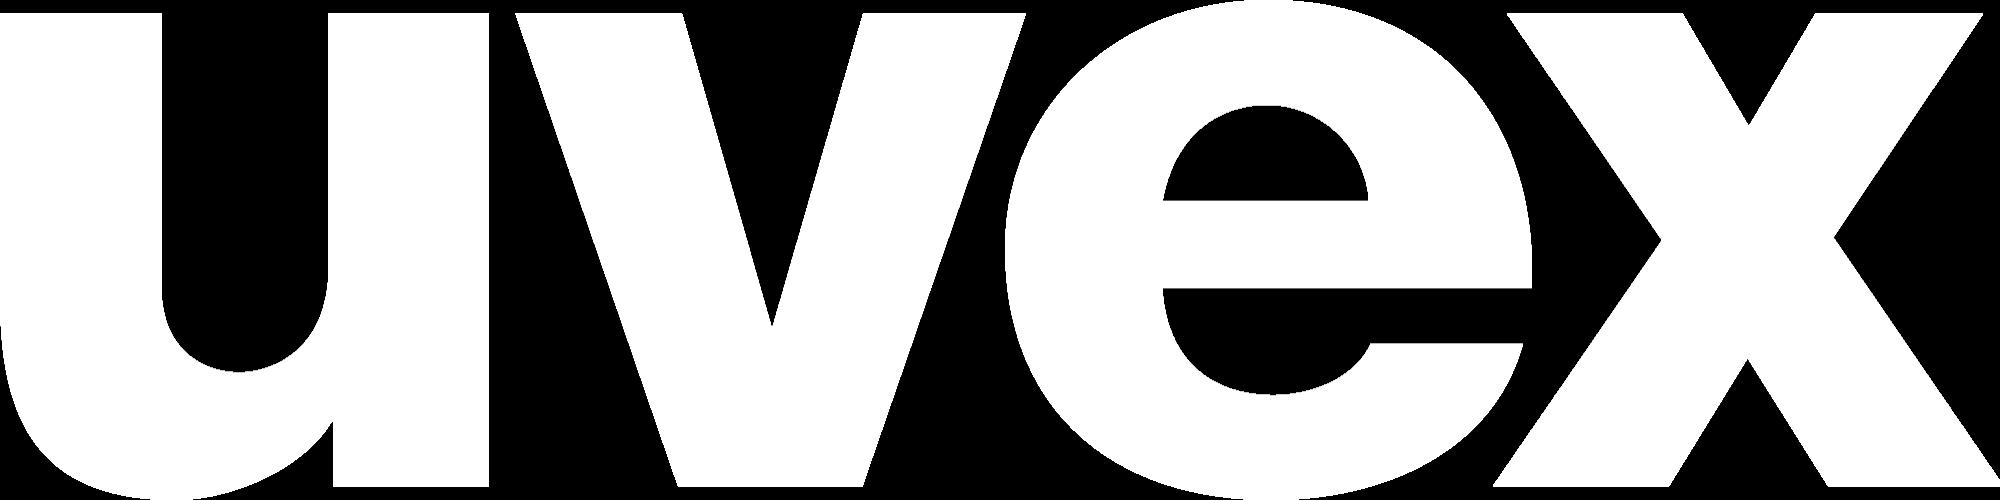 uvex equestrian usa